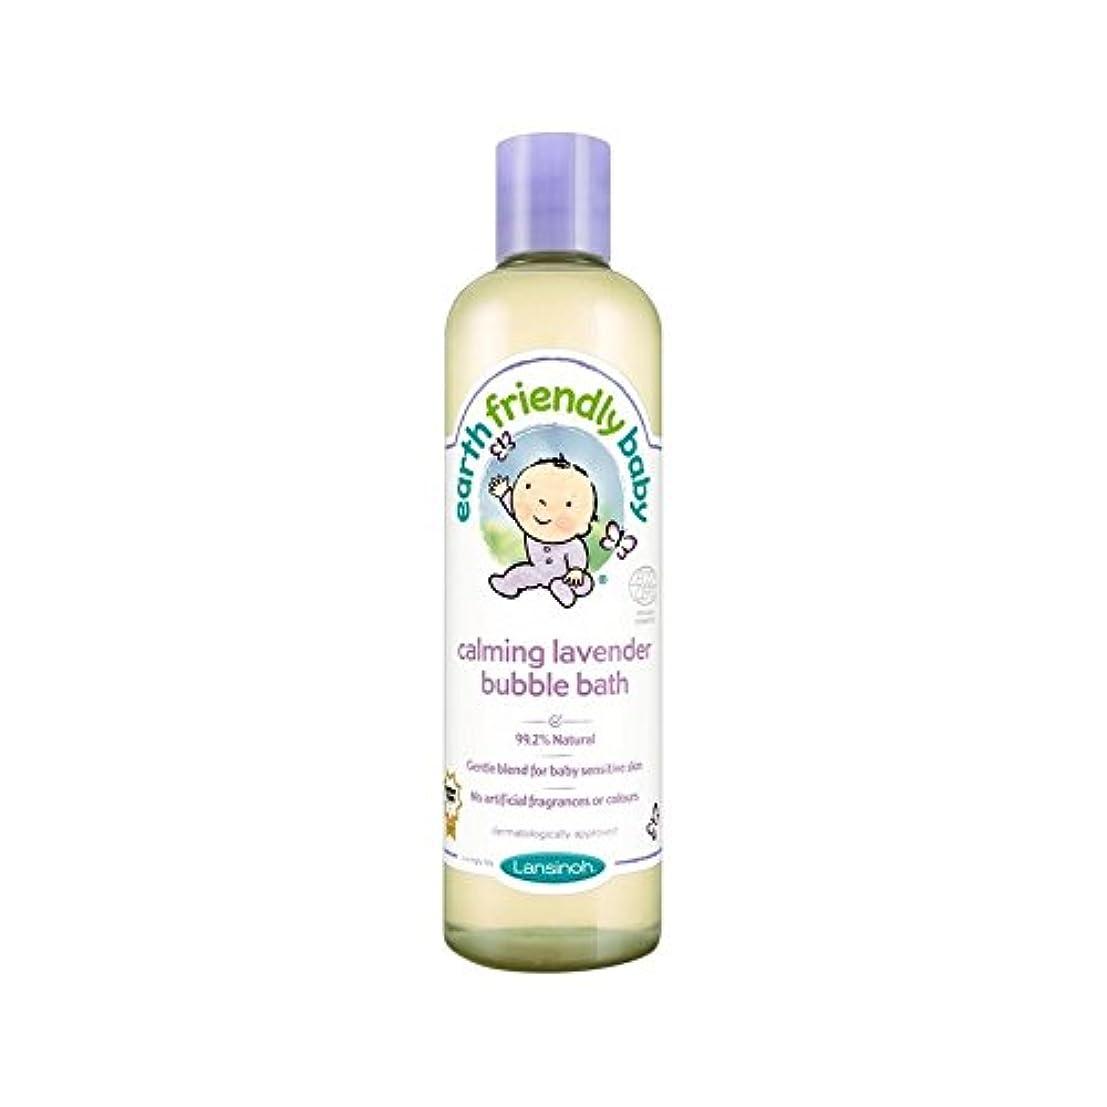 否定するゴミ箱を空にするスクランブル赤ちゃん沈静ラベンダー泡風呂のエコサートの300ミリリットル (Earth Friendly) (x 4) - Earth Friendly Baby Calming Lavender Bubble Bath ECOCERT...